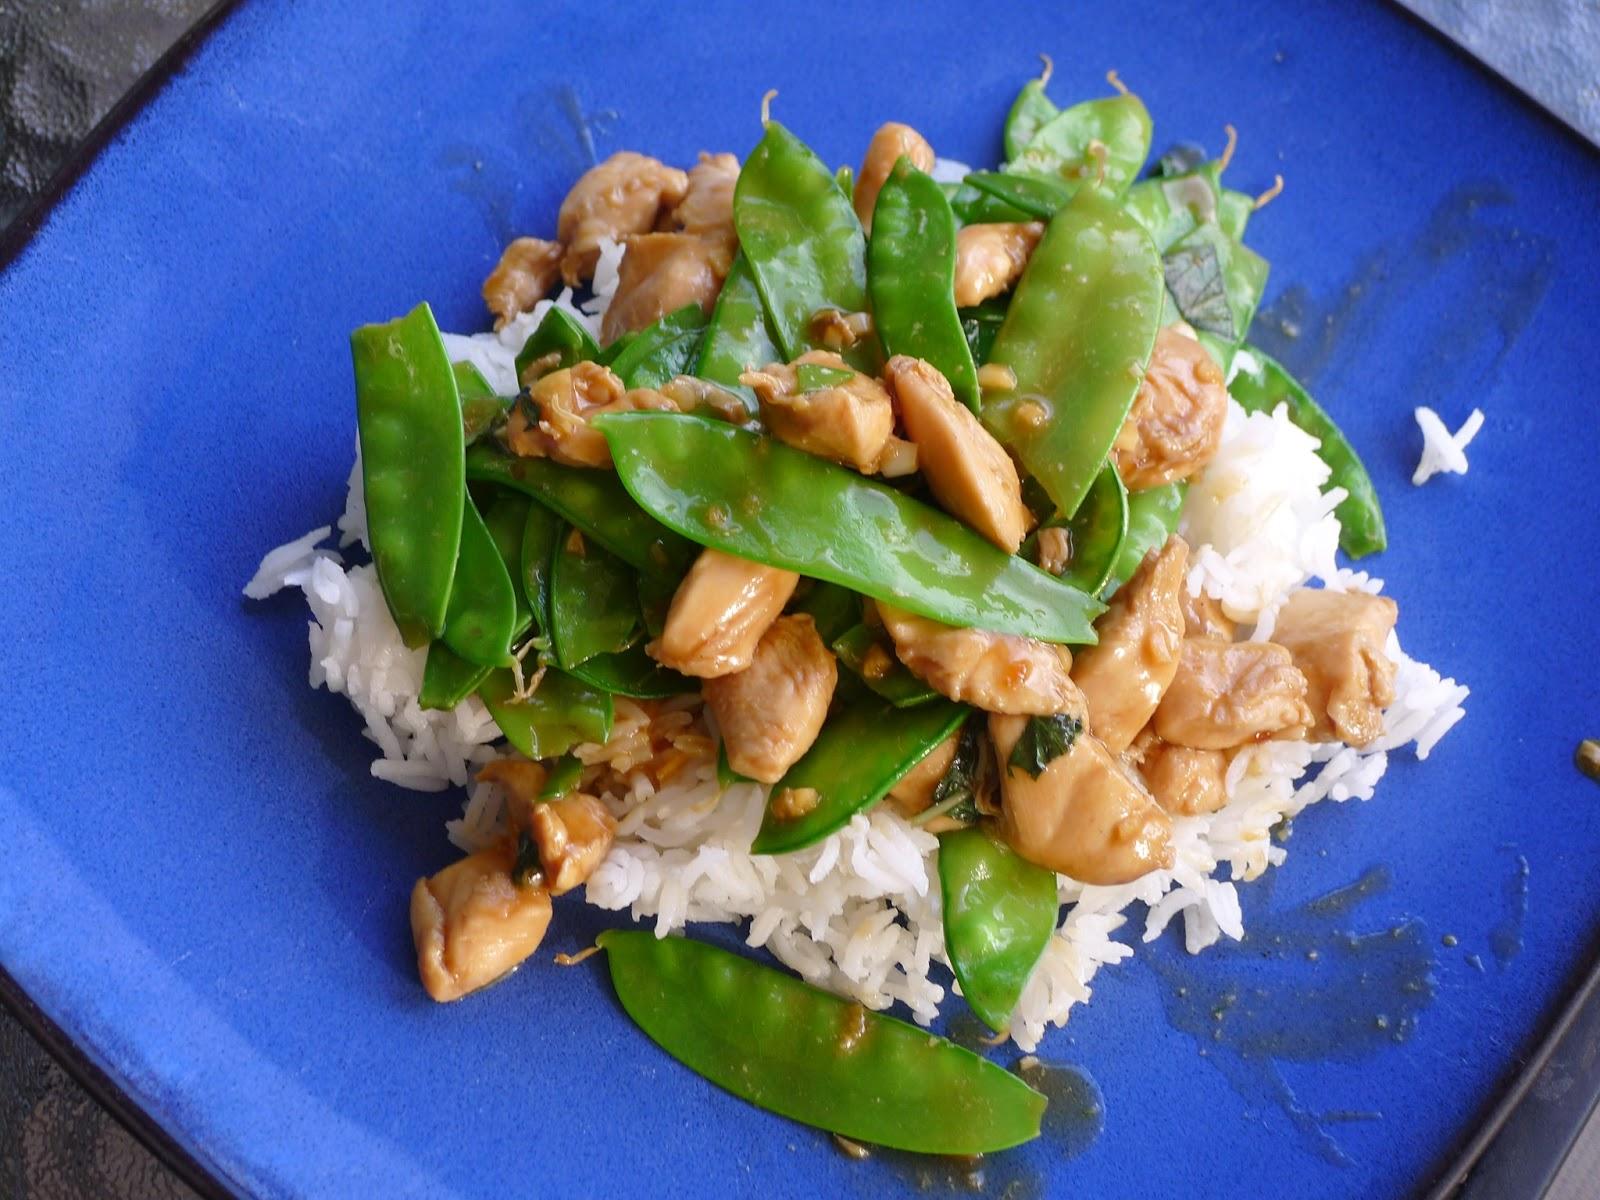 ... broiled tofu and snow peas broiled tofu and snow peas tofu 20quinoa